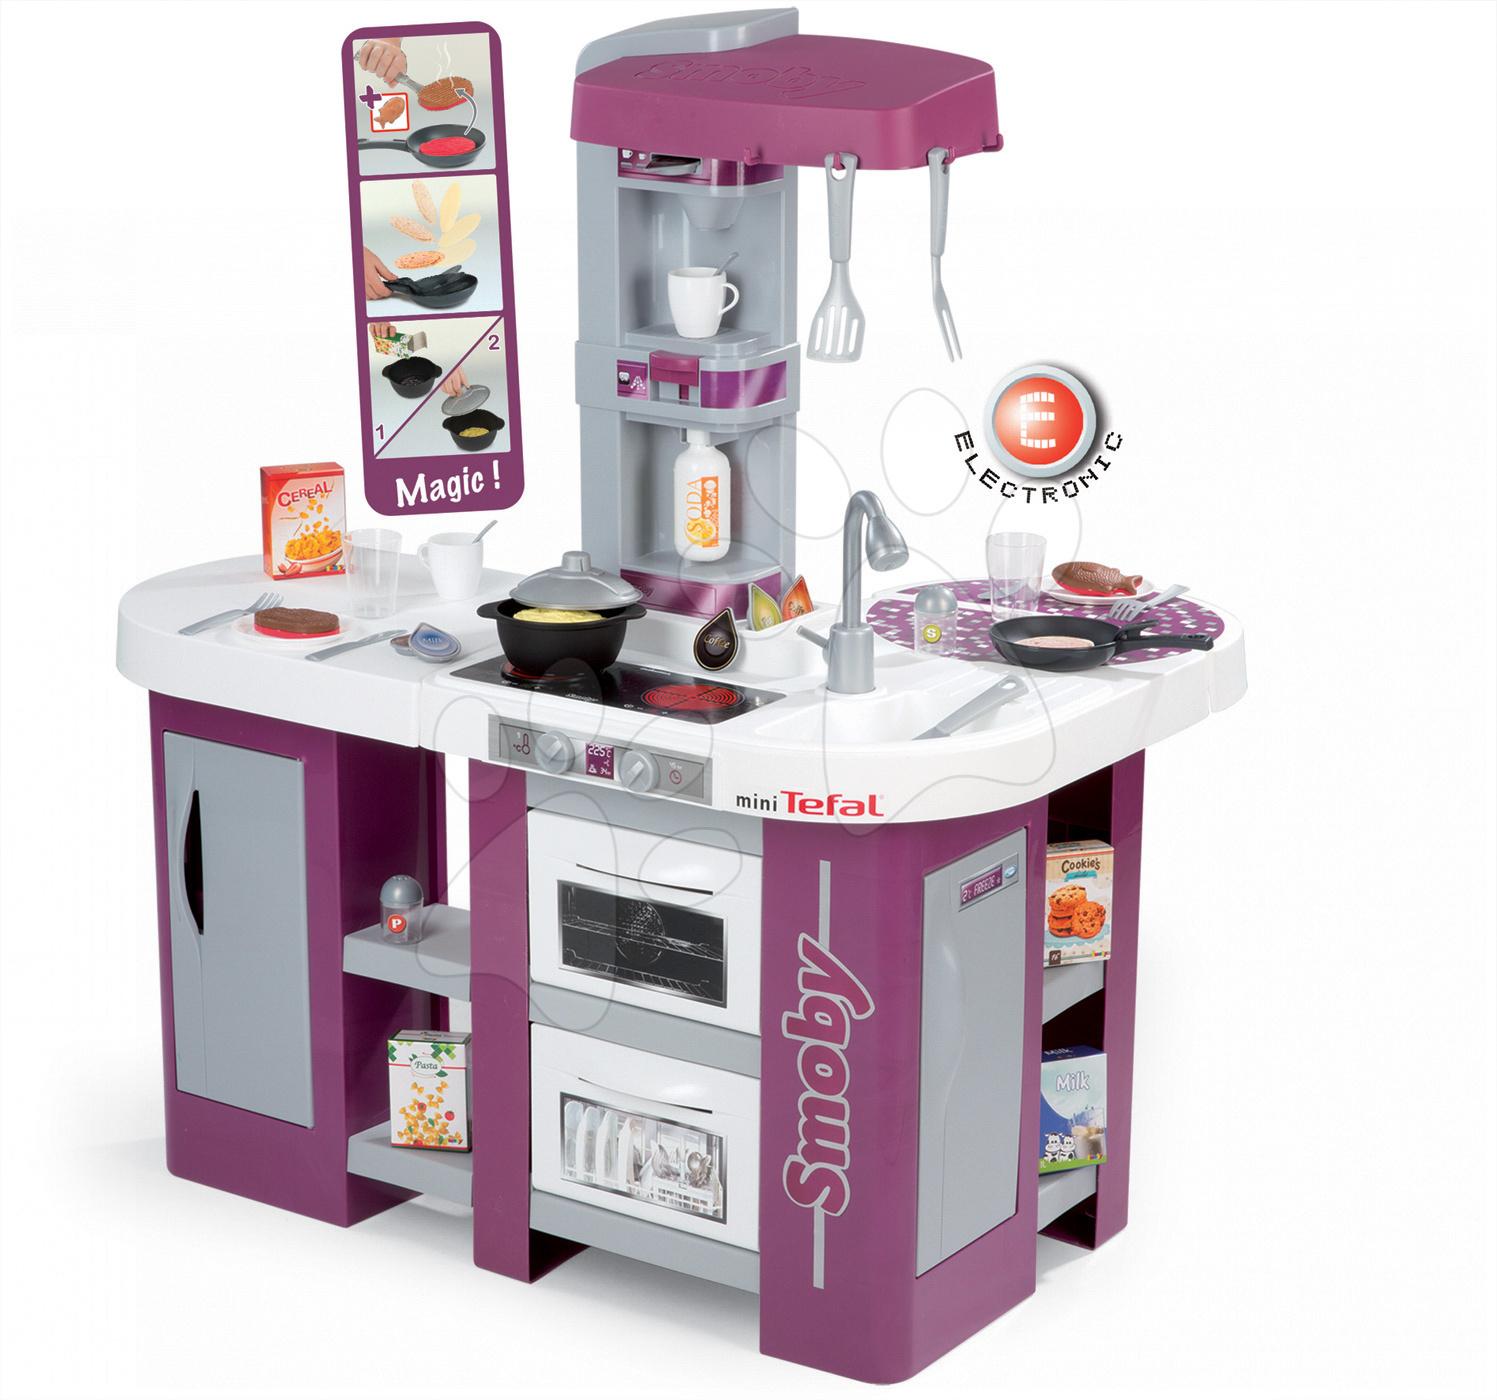 Smoby detská kuchynka Tefal Studio XL 311005 fialovo-šedá